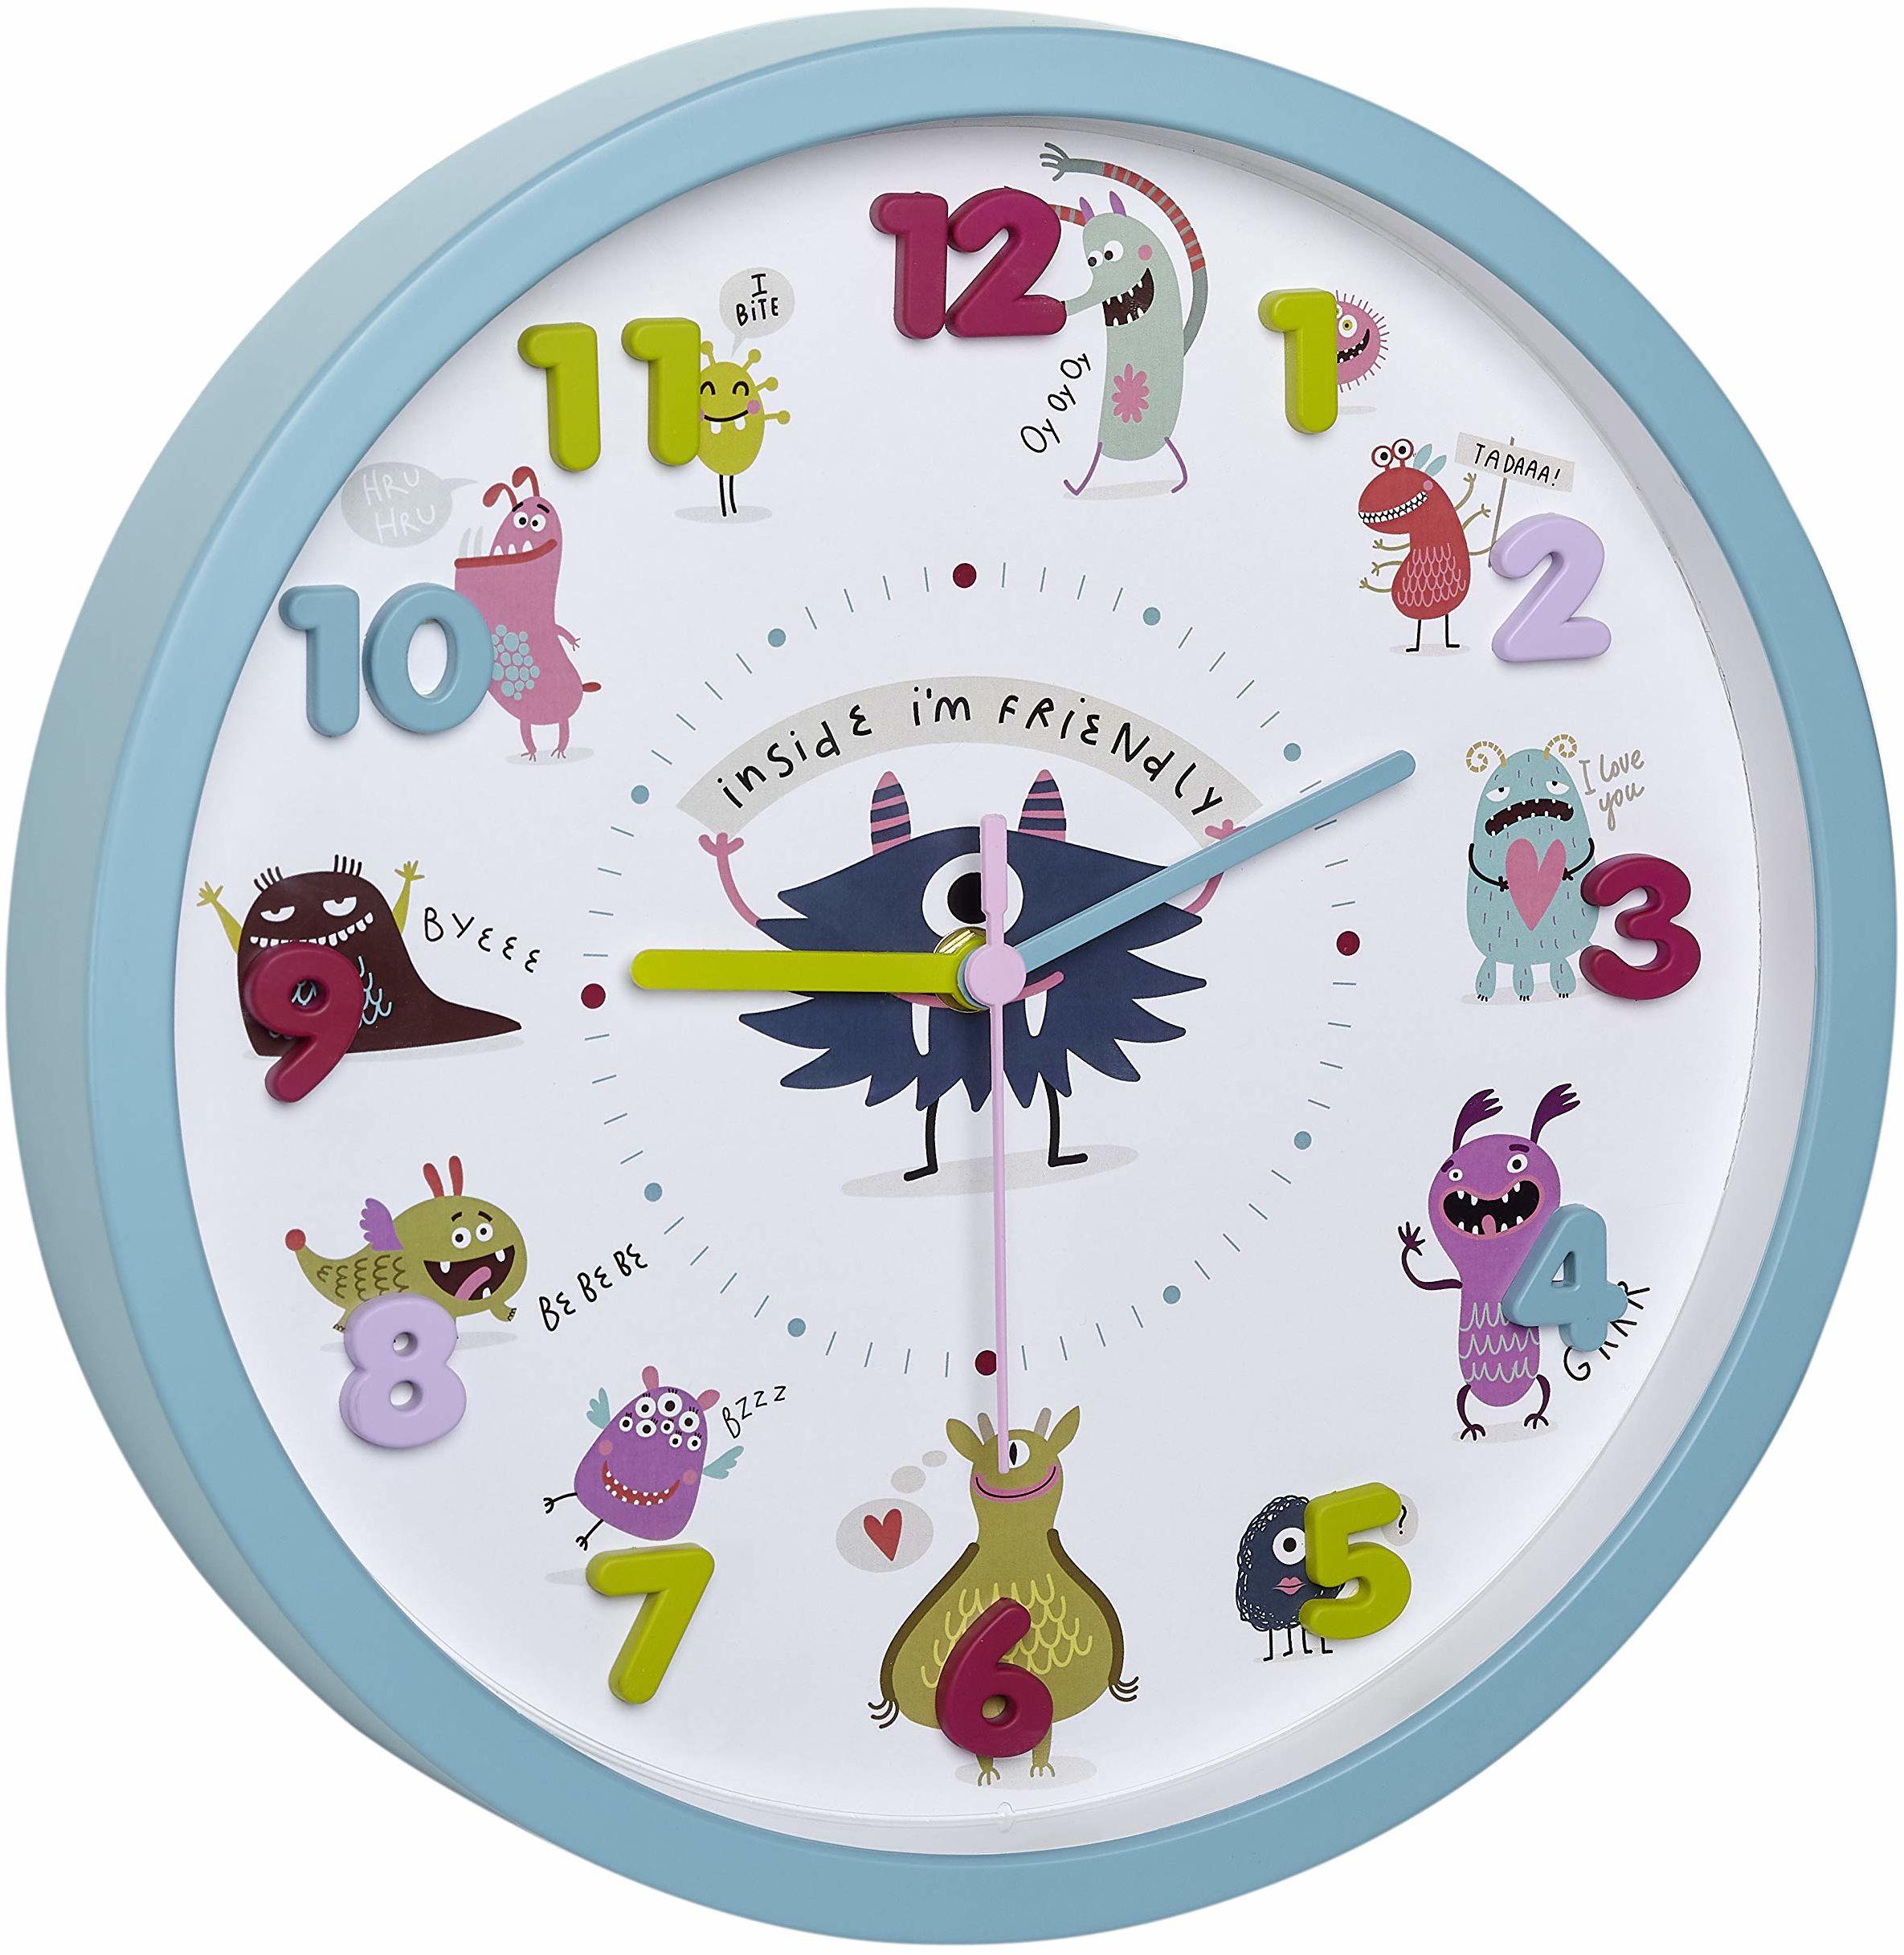 TFA Dostmann LITTLE MONSTERS dziecięcy zegar ścienny z motywami potworków, cichy mechanizm zegarowy, idealny do pokoju dziecięcego, tworzywo sztuczne, szkło, turkusowy